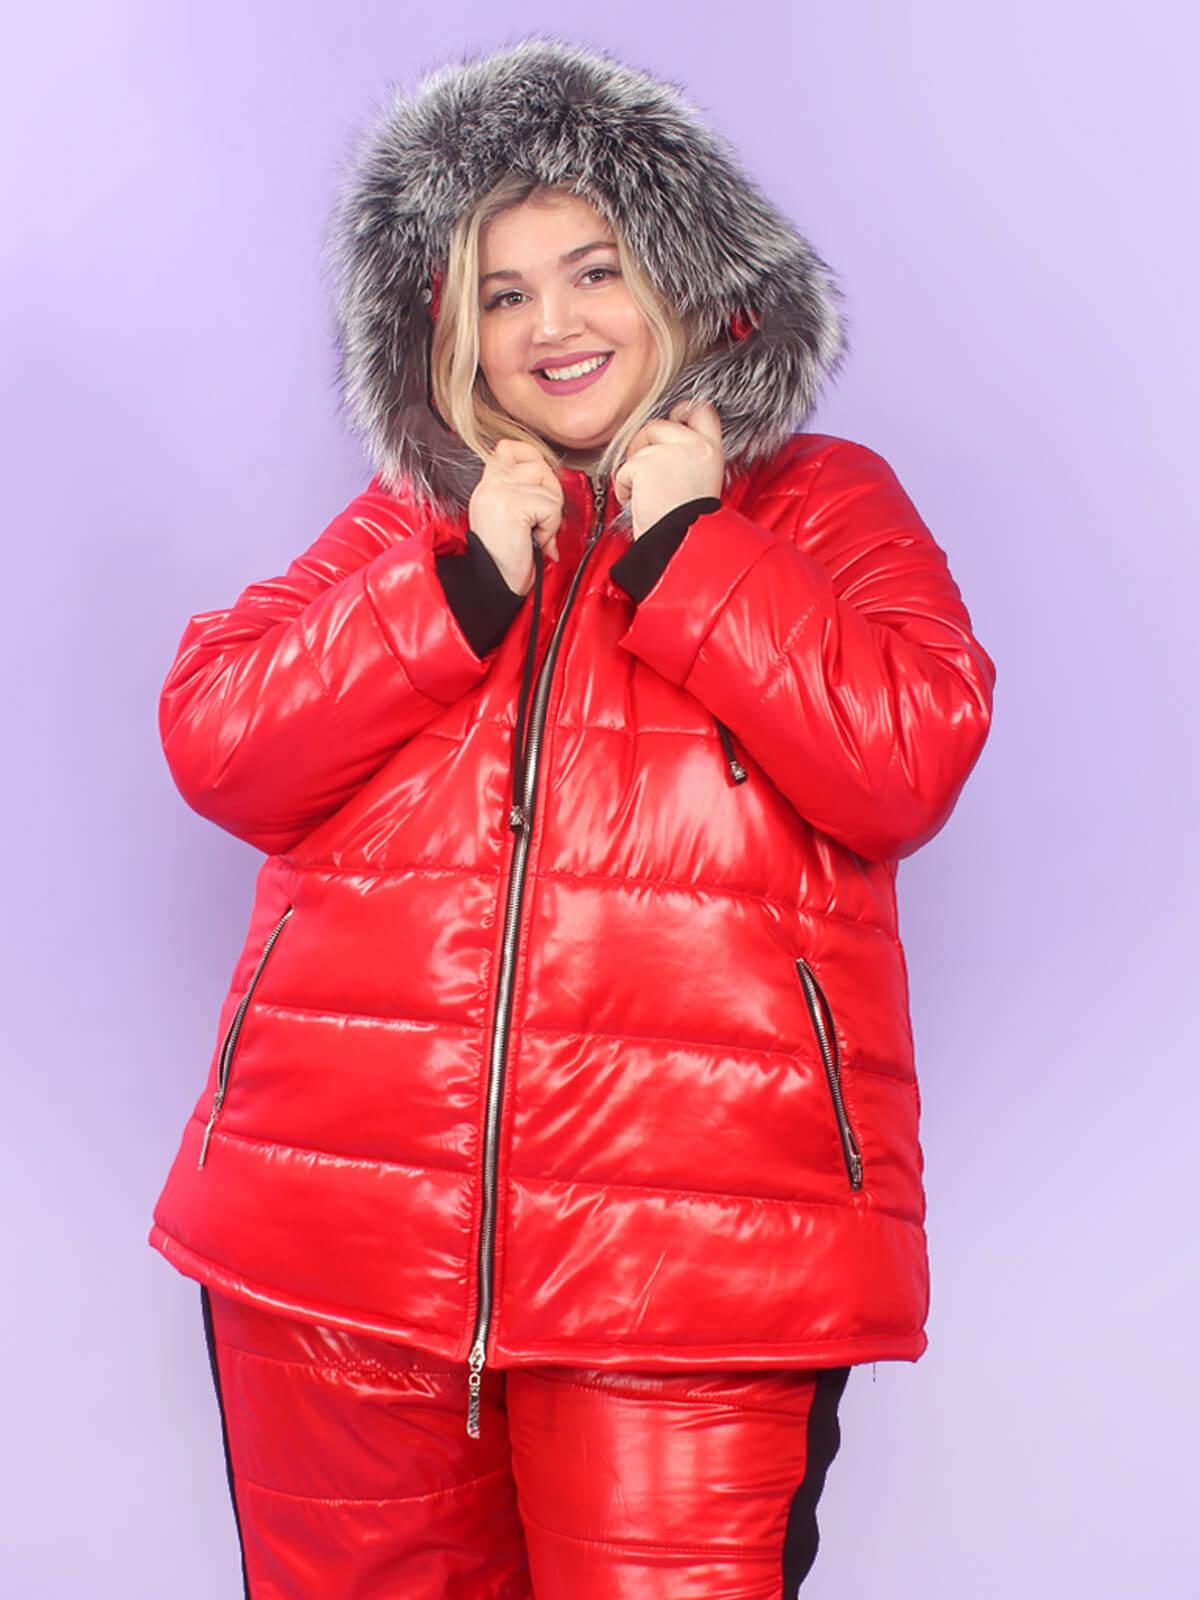 Красная женская зимняя куртка 74 размера